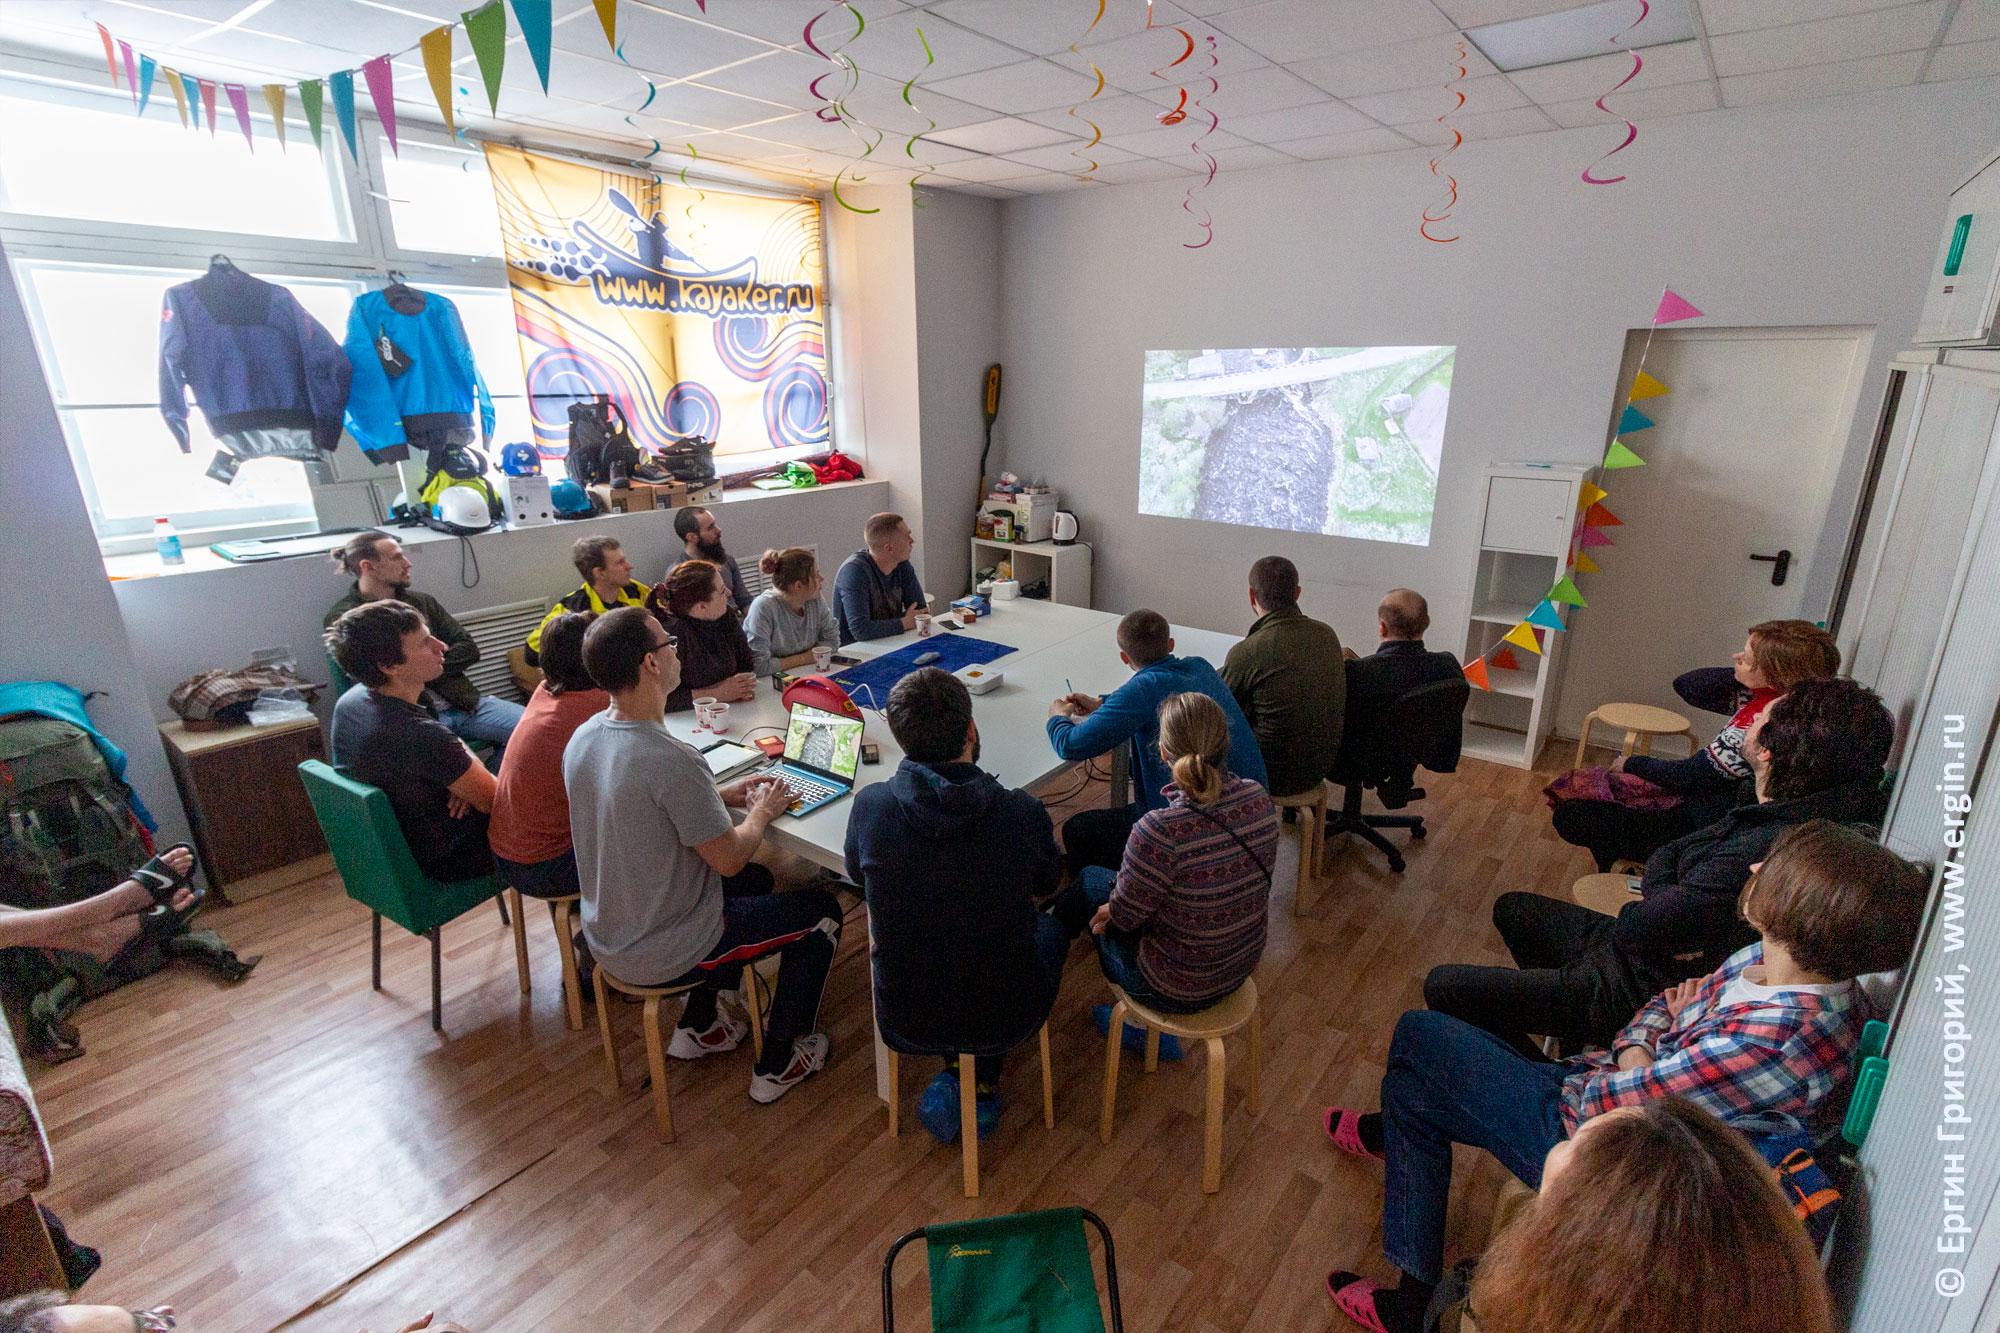 Семинар для каякеров о бурной воде: видеоряд с проектора